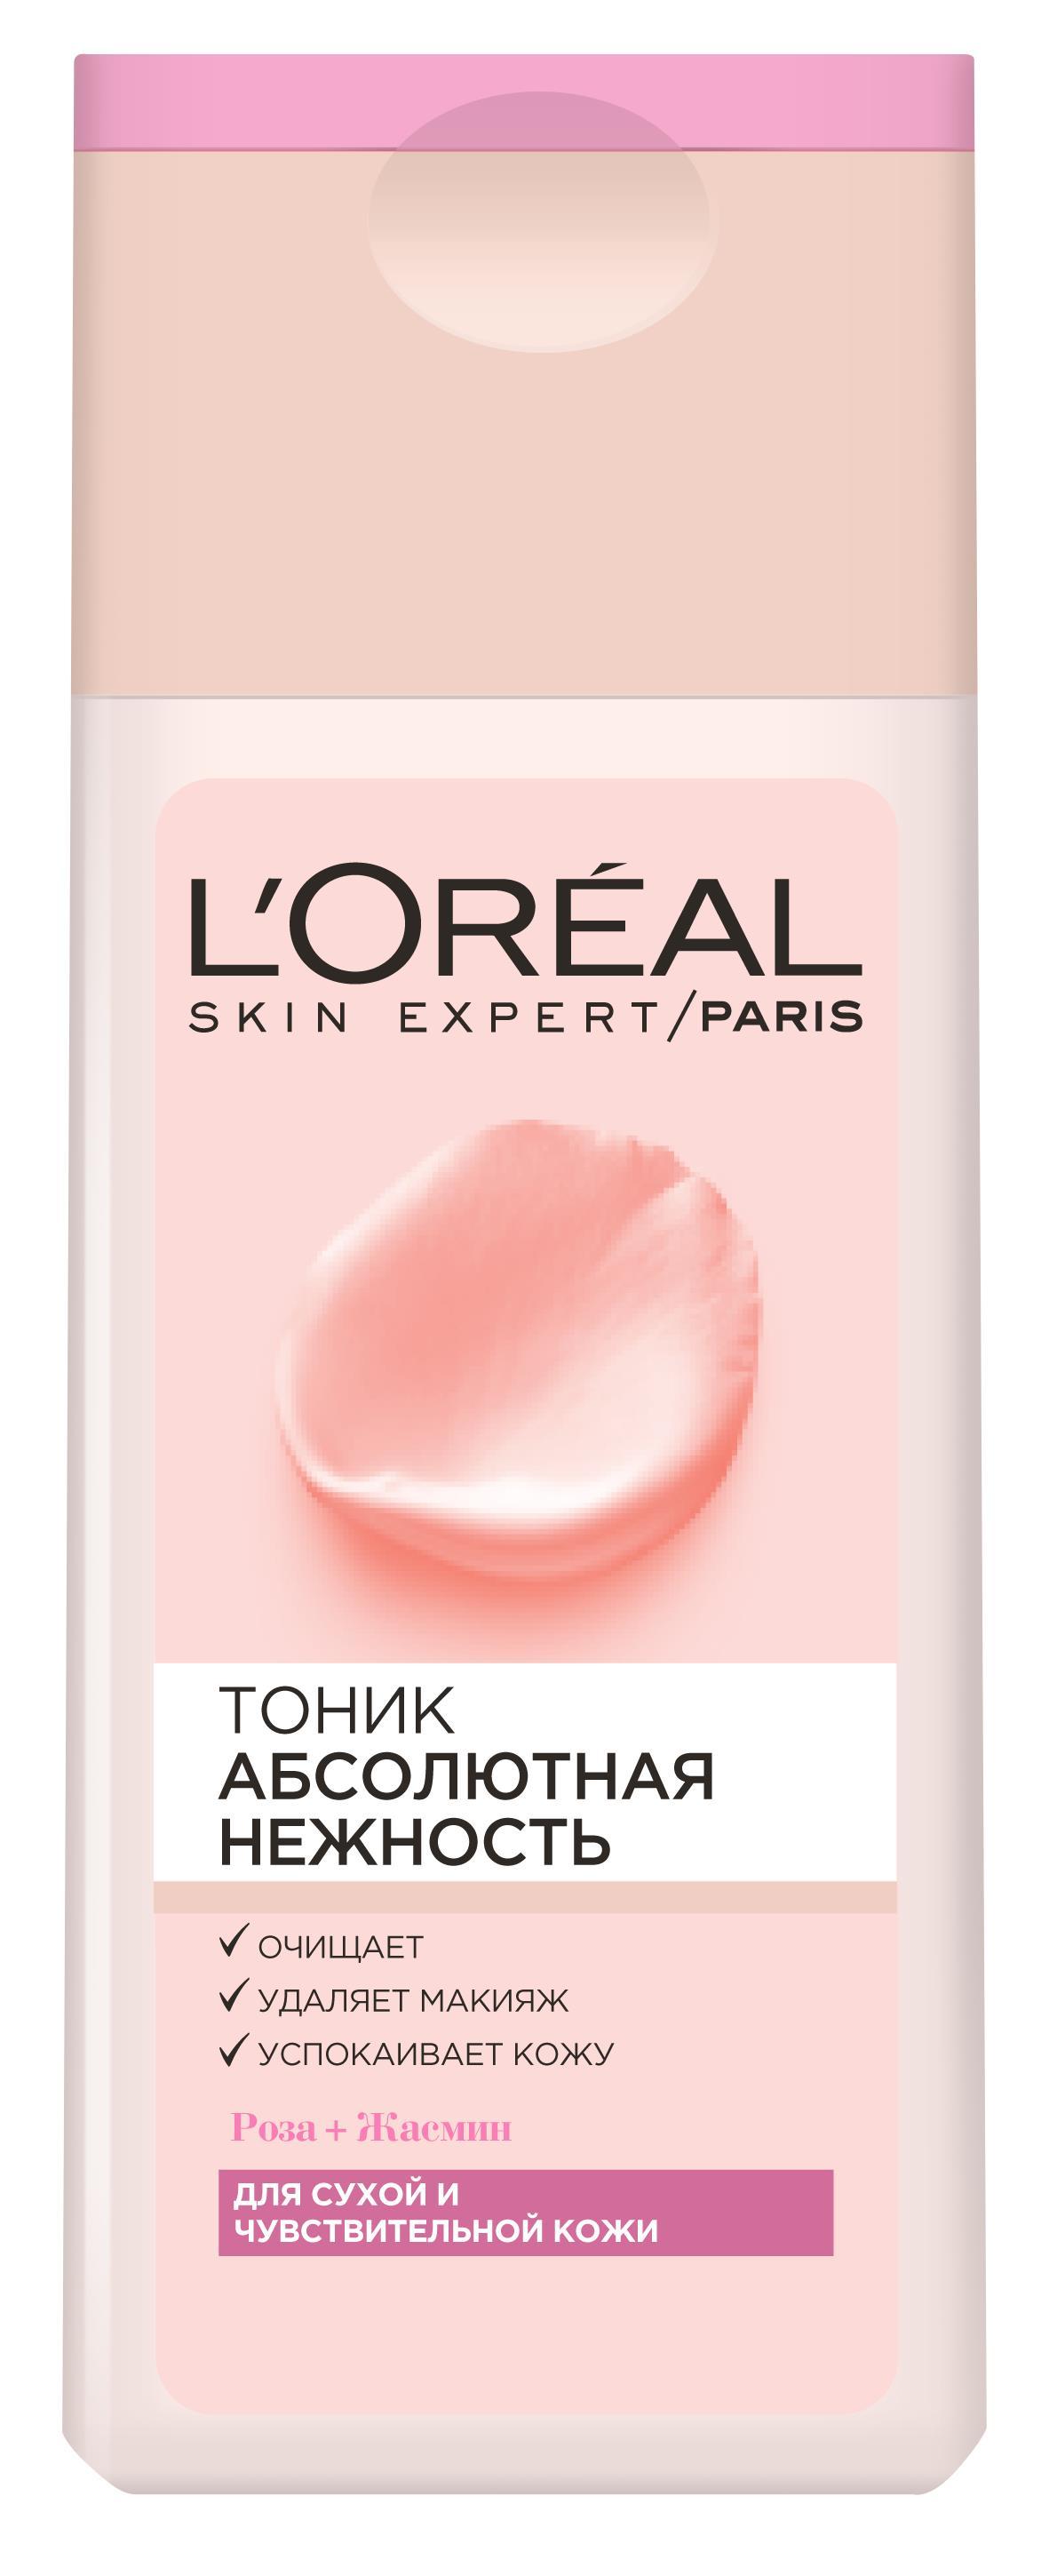 LOreal Paris Очищающий тоник Абсолютная нежность, для сухой и чувствительной кожи, 200 мл, с экстрактами Розы и ЖасминаA7089500Тоник для кожи «Абсолютная свежесть» разработан специально для сухой и чувствительной кожи, обогащён уникальными смягчающими компонентами, которые не только эффективно удаляют все загрязнения, остатки косметических средств, но и освежает кожу, делая её мягкой и бархатистой. Ваша кожа очищена от макияжа и загрязнений. Она становится нежной, более мягкой и красивой. Тонкий цветочный аромат позволит вам получить истинное удовольствие от чувственный опыт от ухода за кожей.Содержит экстракт розы, известный своими успокаивающими свойствами и способностью уменьшать ощущение дискомфорта, и экстракт жасмина, известный своими смягчающими и успокаивающими свойствами.